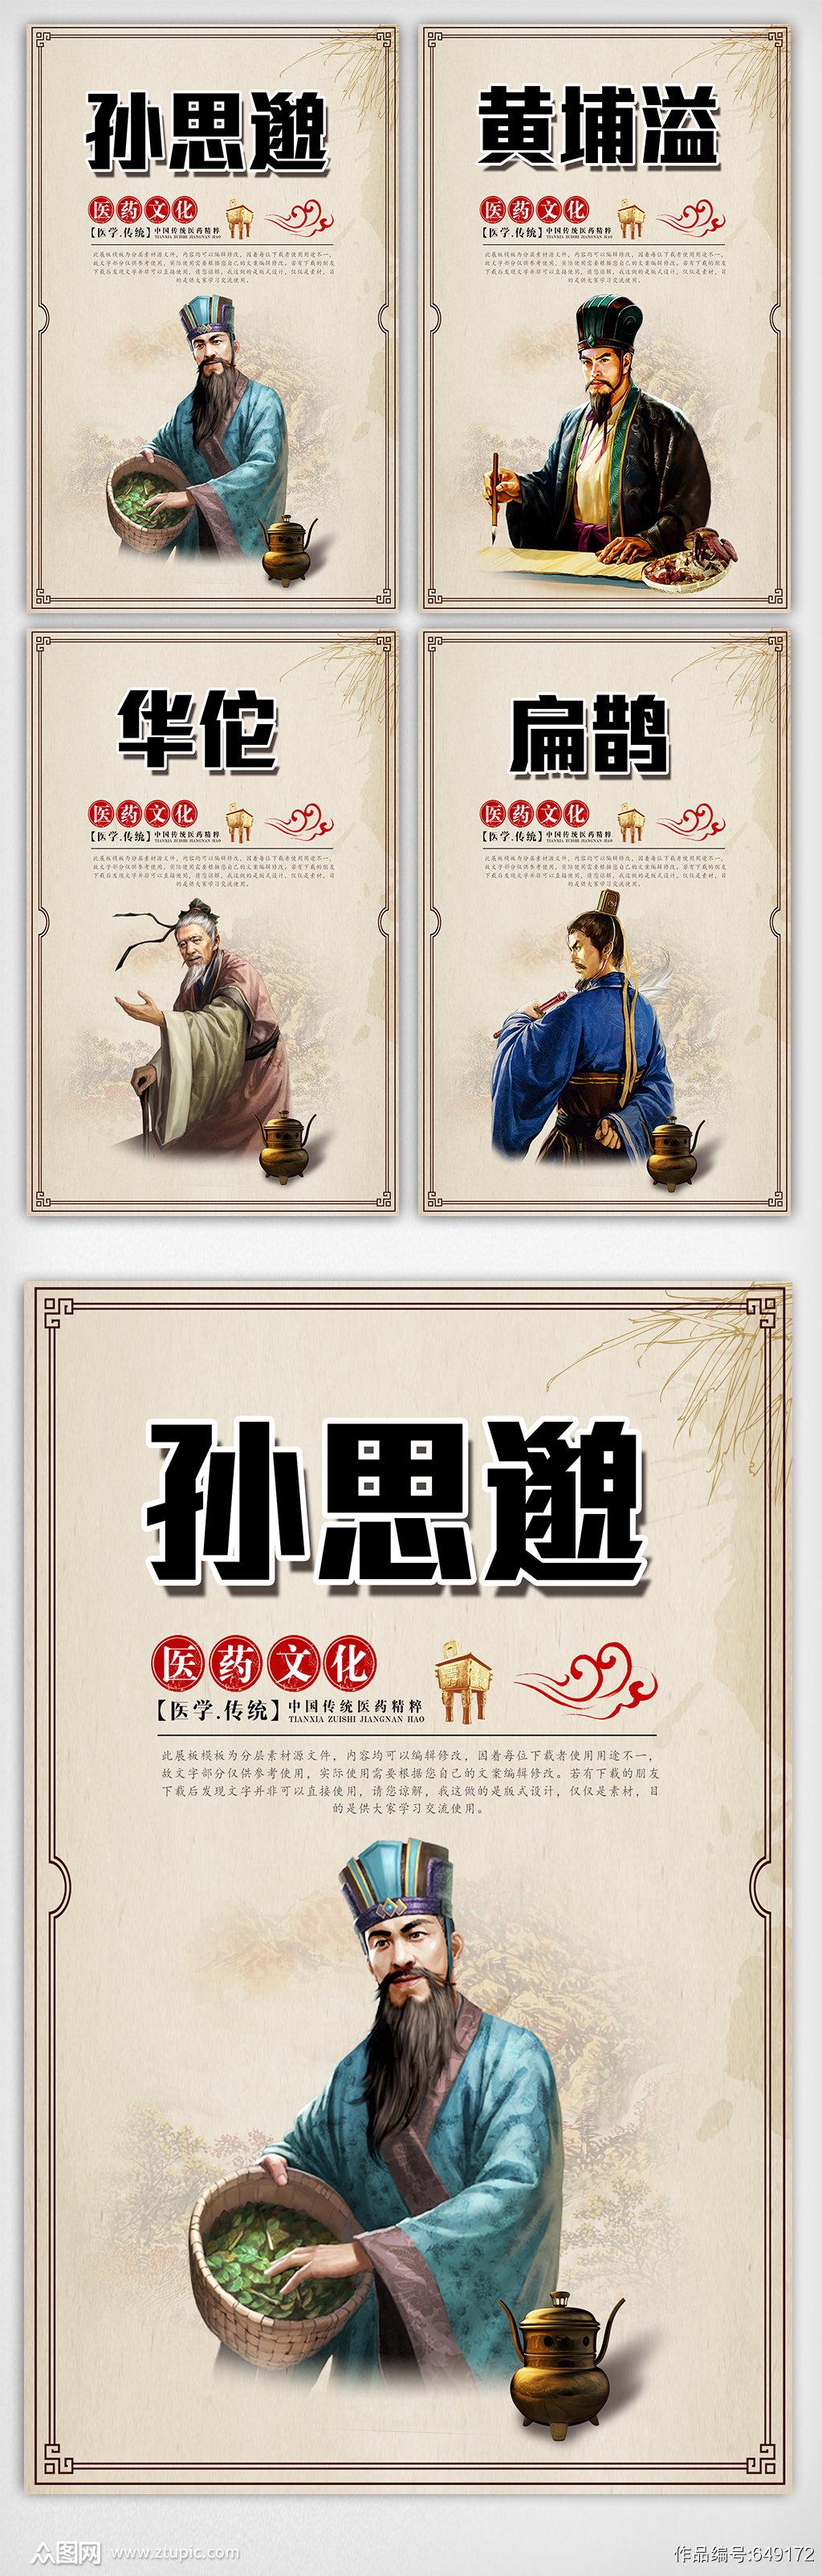 中医名人宣传内容挂画设计模板素材